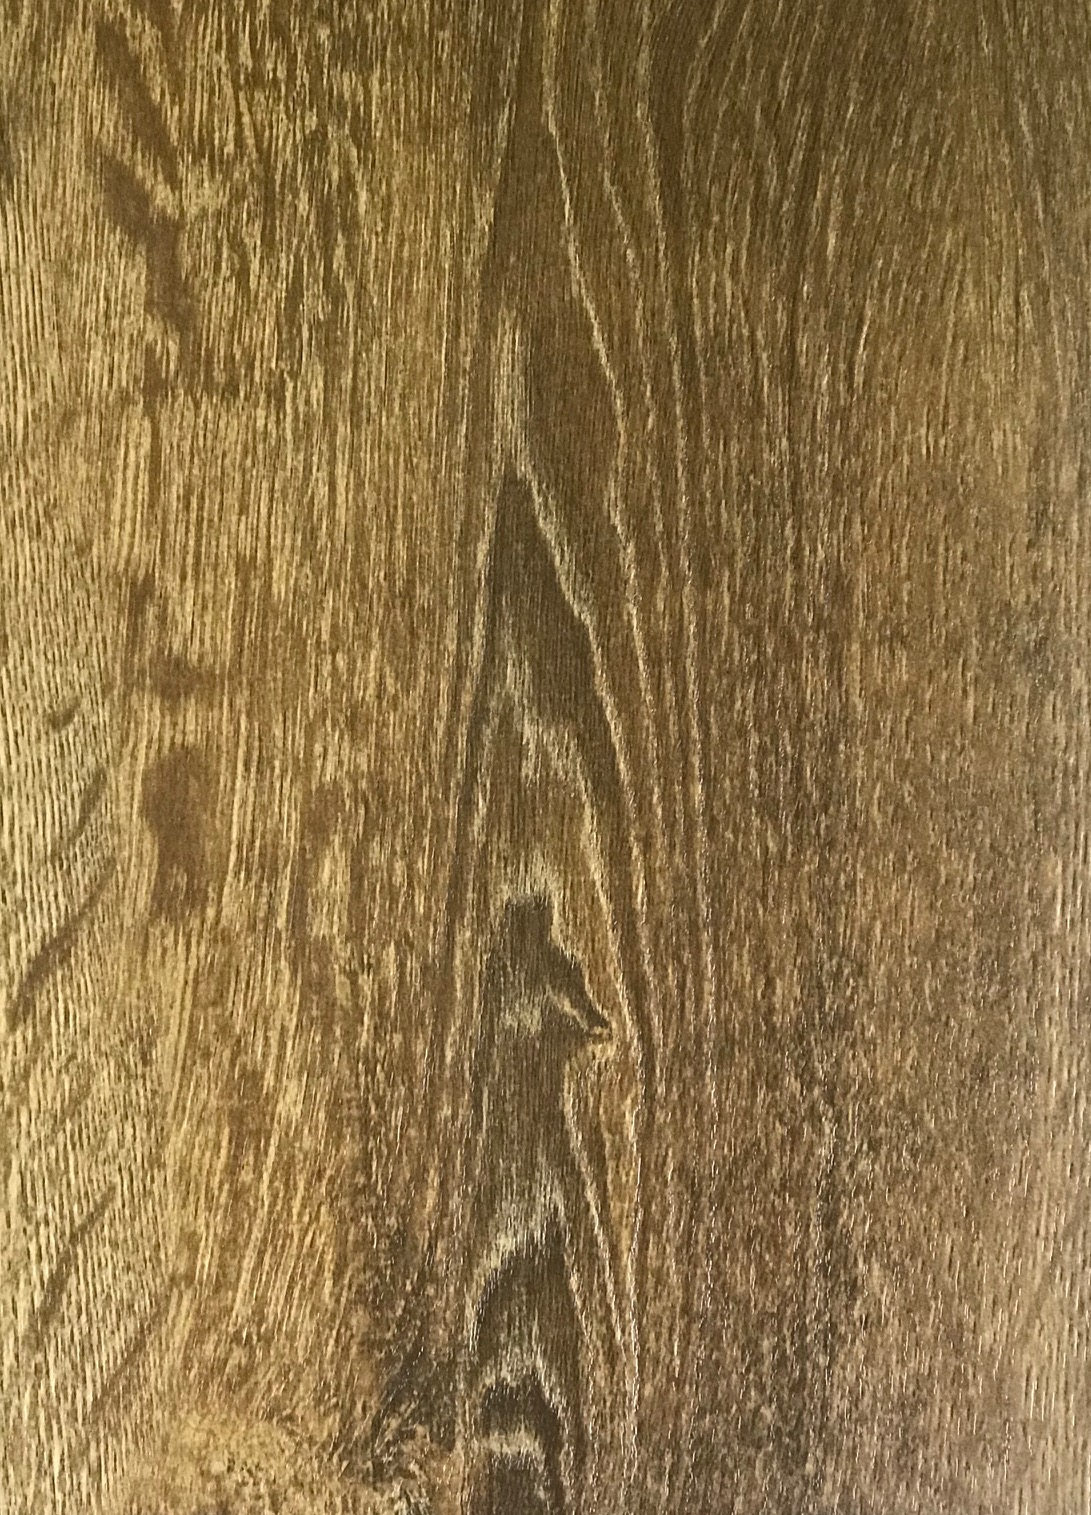 Golden Oak 9196